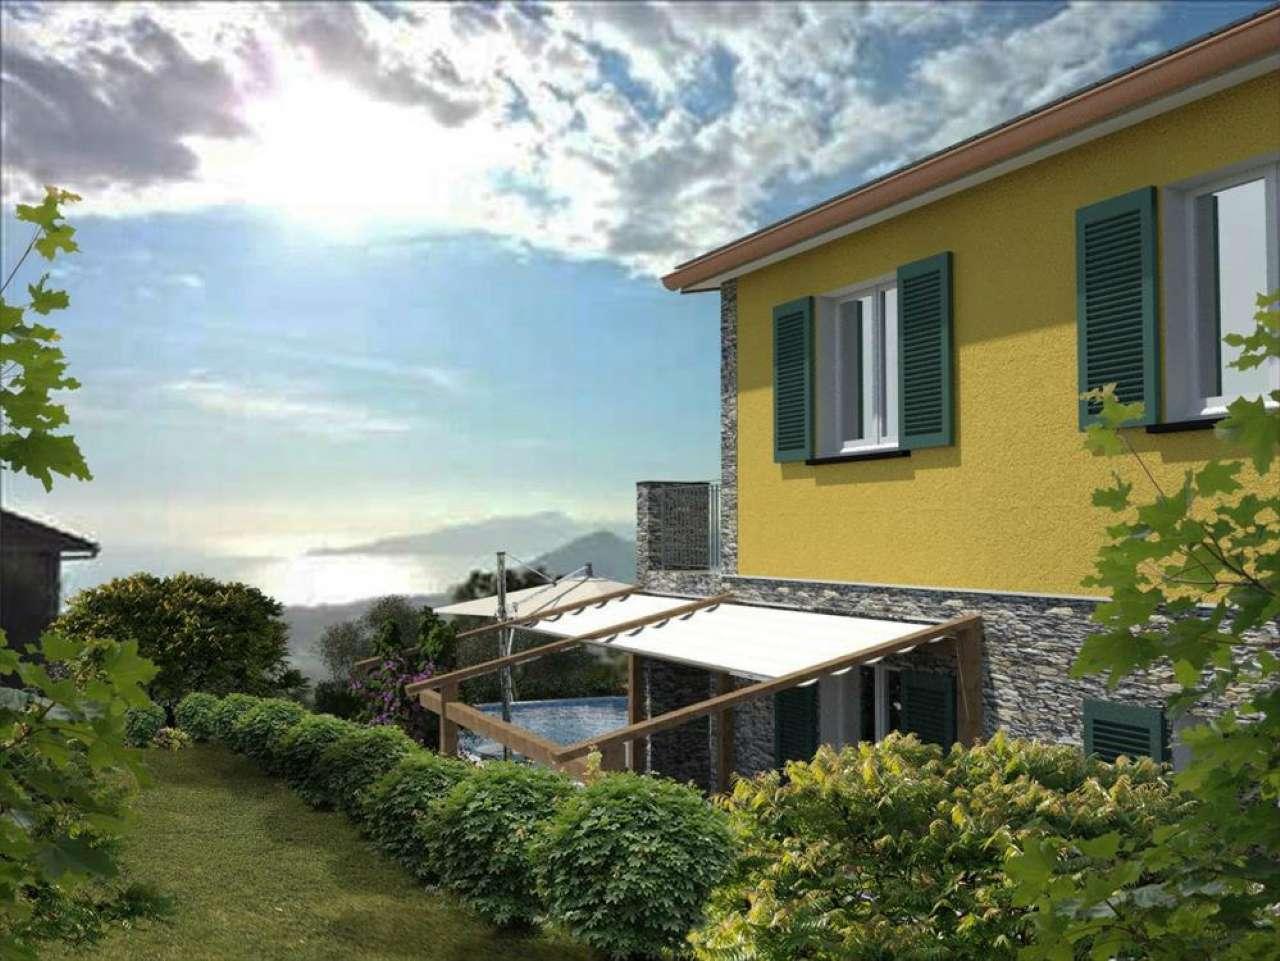 Villa in vendita a Lavagna, 4 locali, prezzo € 260.000 | CambioCasa.it